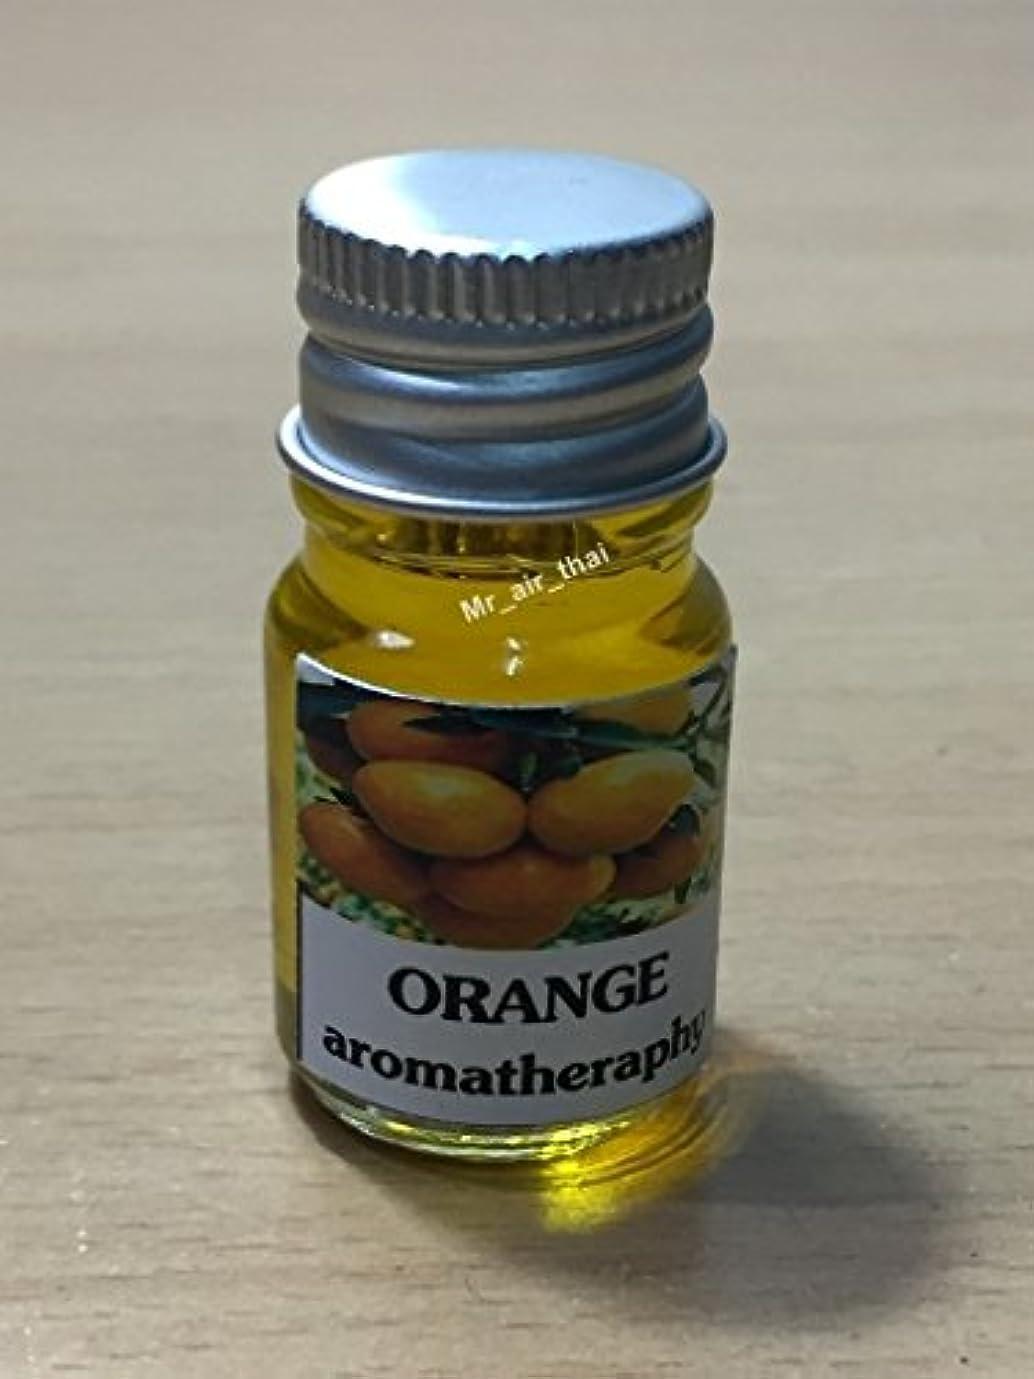 栄養生態学没頭する5ミリリットルアロマオレンジフランクインセンスエッセンシャルオイルボトルアロマテラピーオイル自然自然5ml Aroma Orange Frankincense Essential Oil Bottles Aromatherapy...